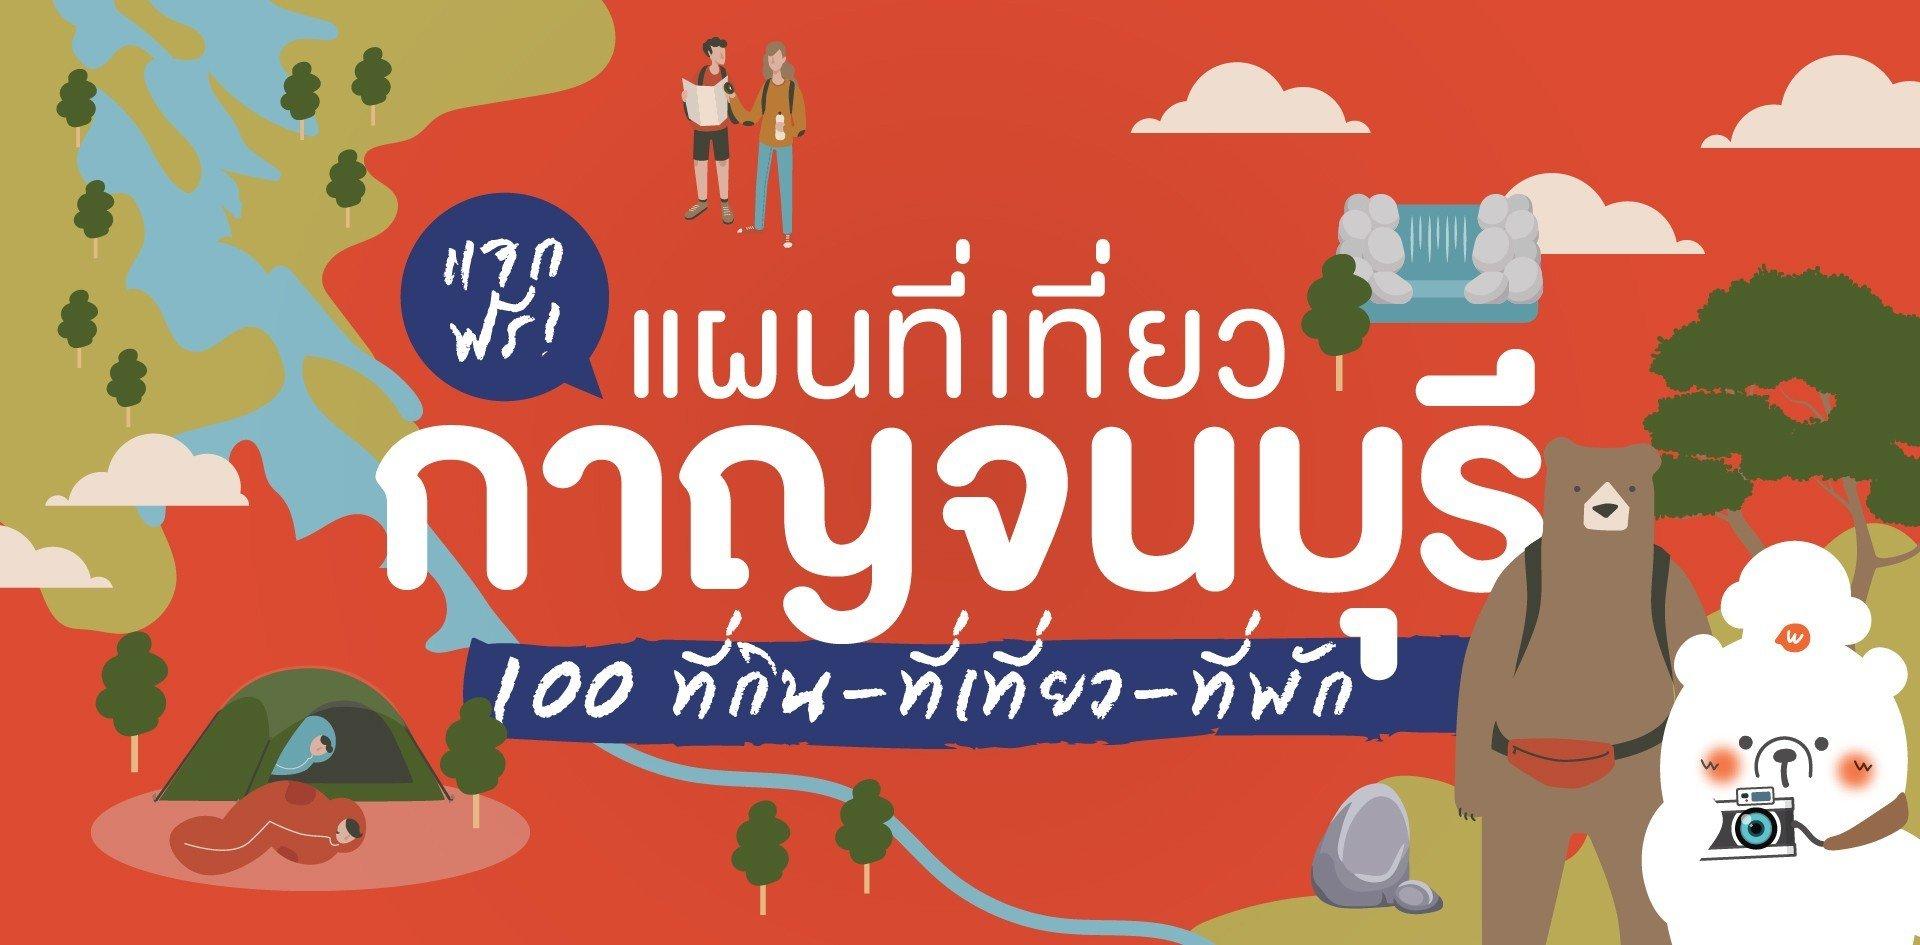 แจกฟรี! (Map) แผนที่เที่ยวกาญจนบุรี 100 ที่กิน-ที่เที่ยว-ที่พัก ครบ!